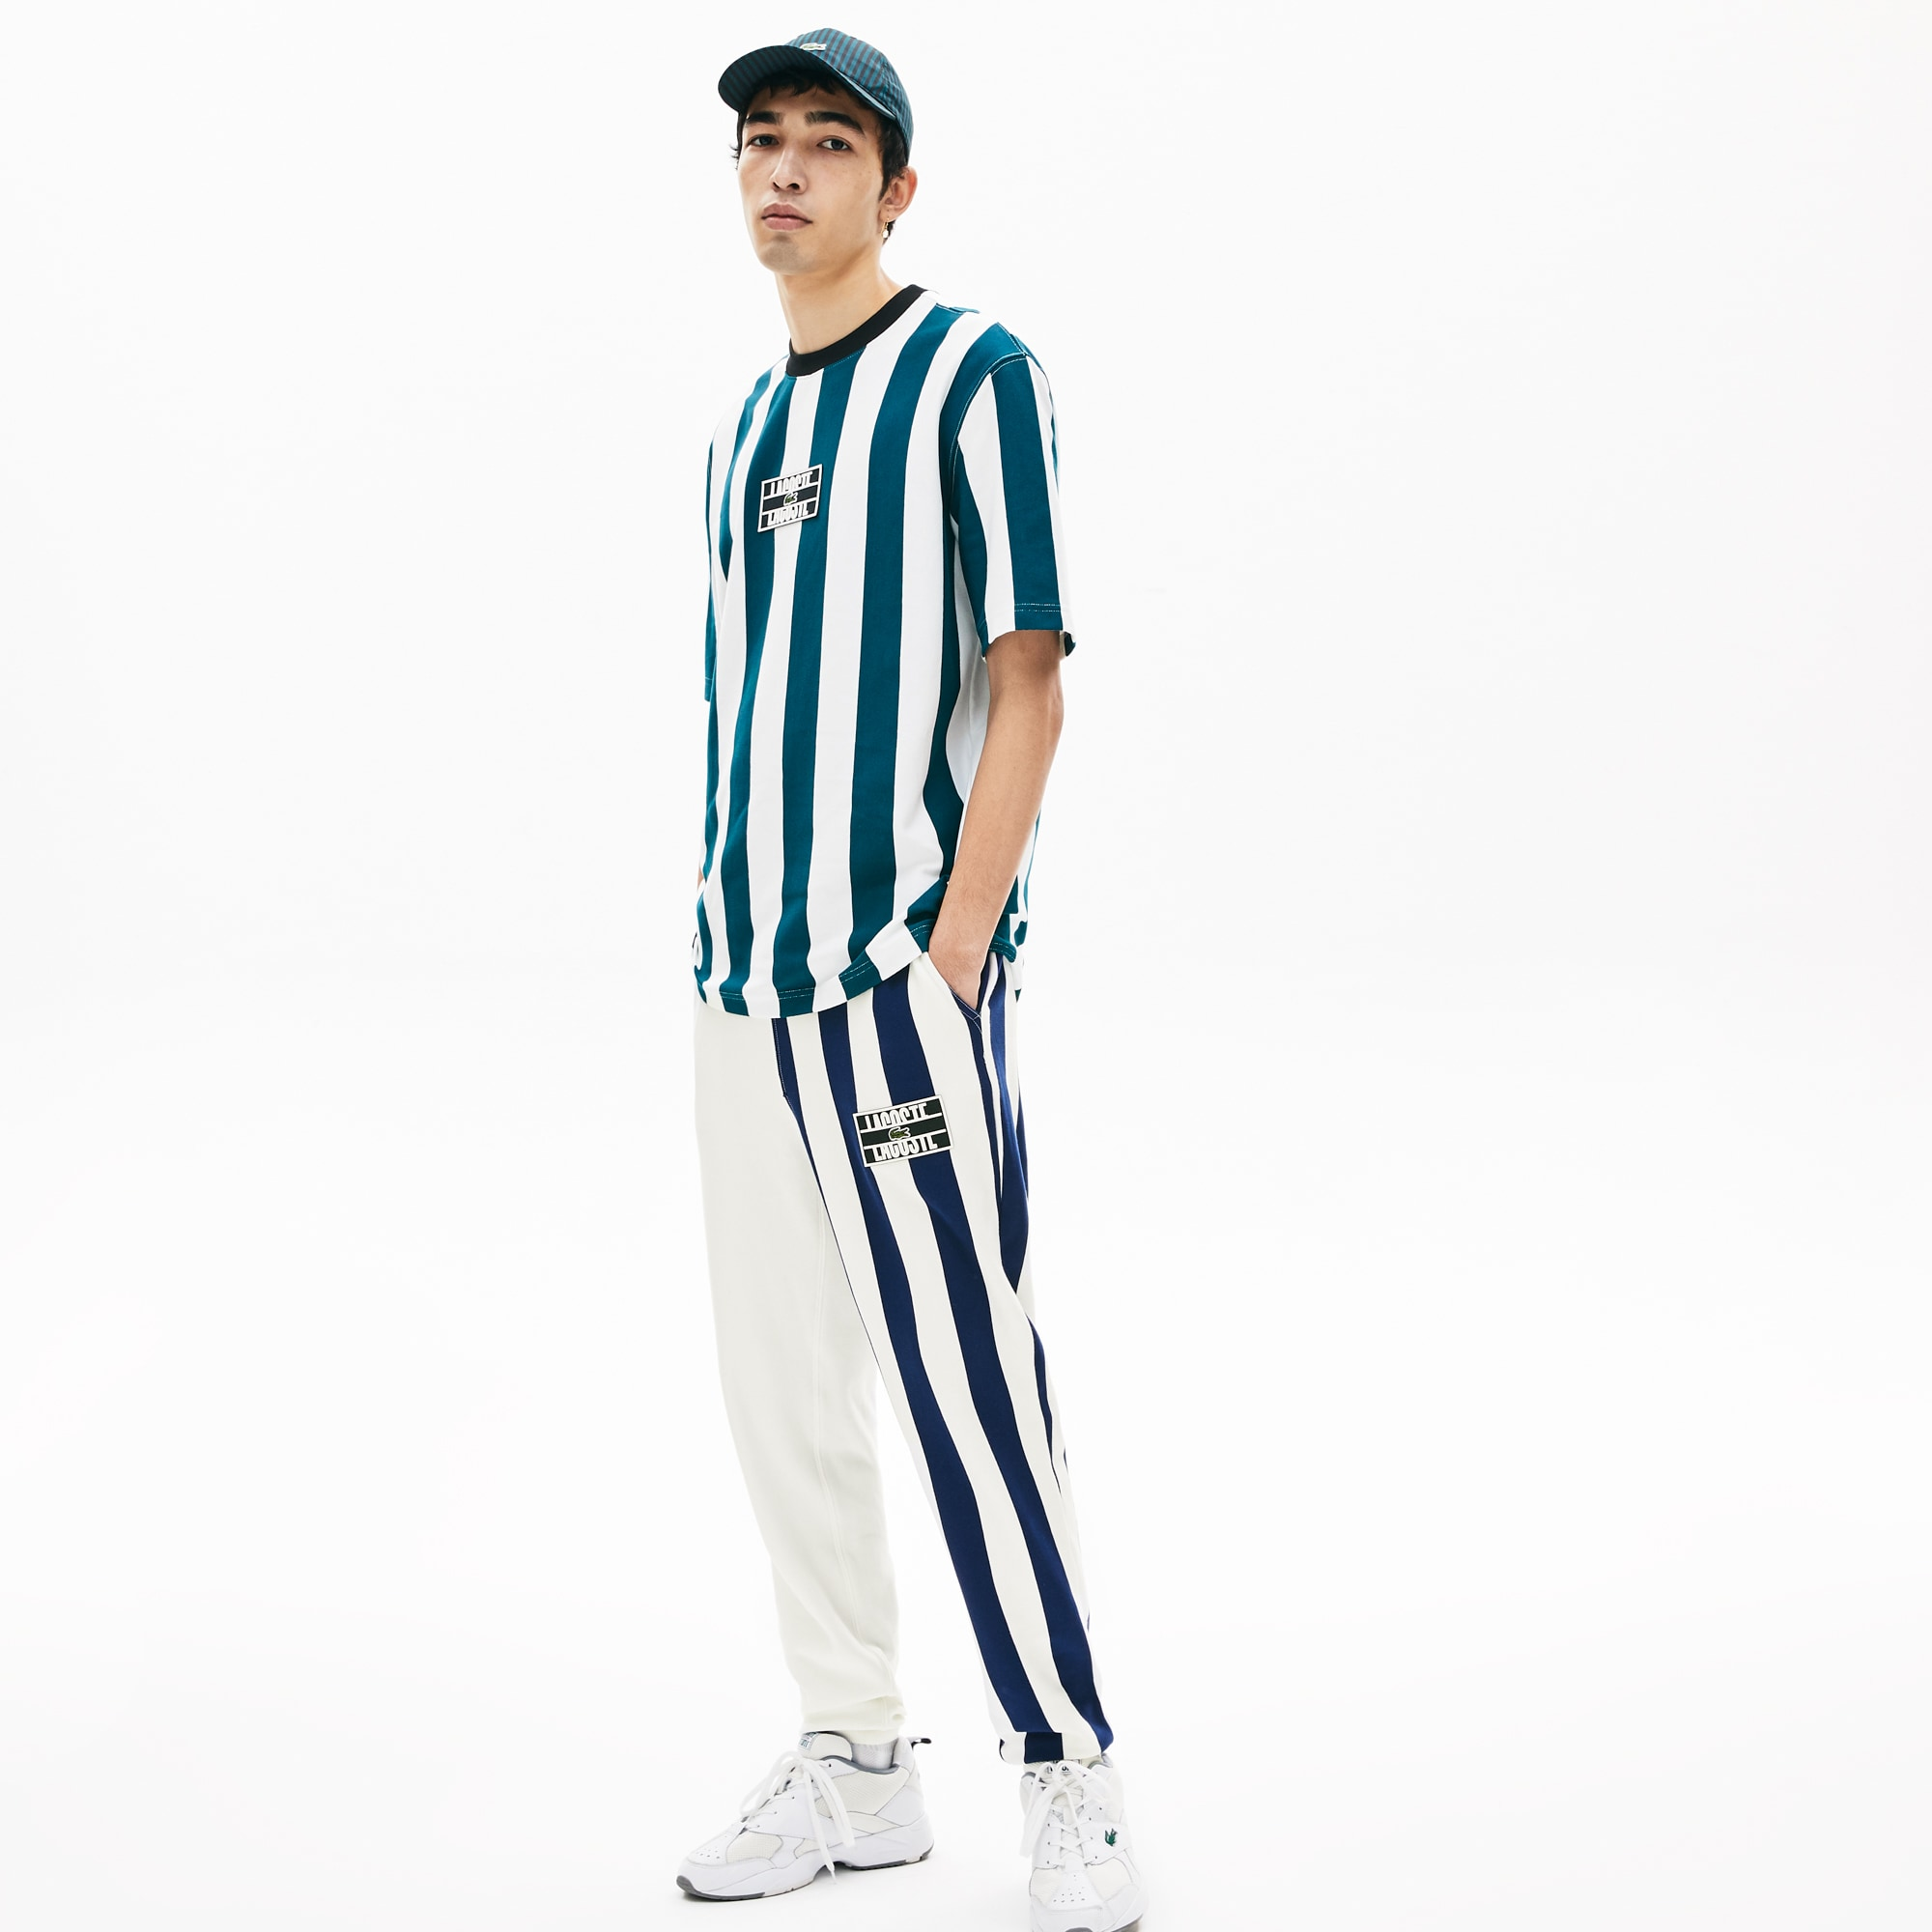 라코스테 라이브 라코스테 Lacoste Mens LIVE Bicolor Fleece Tracksuit Pants,White / Navy Blue / White L1K